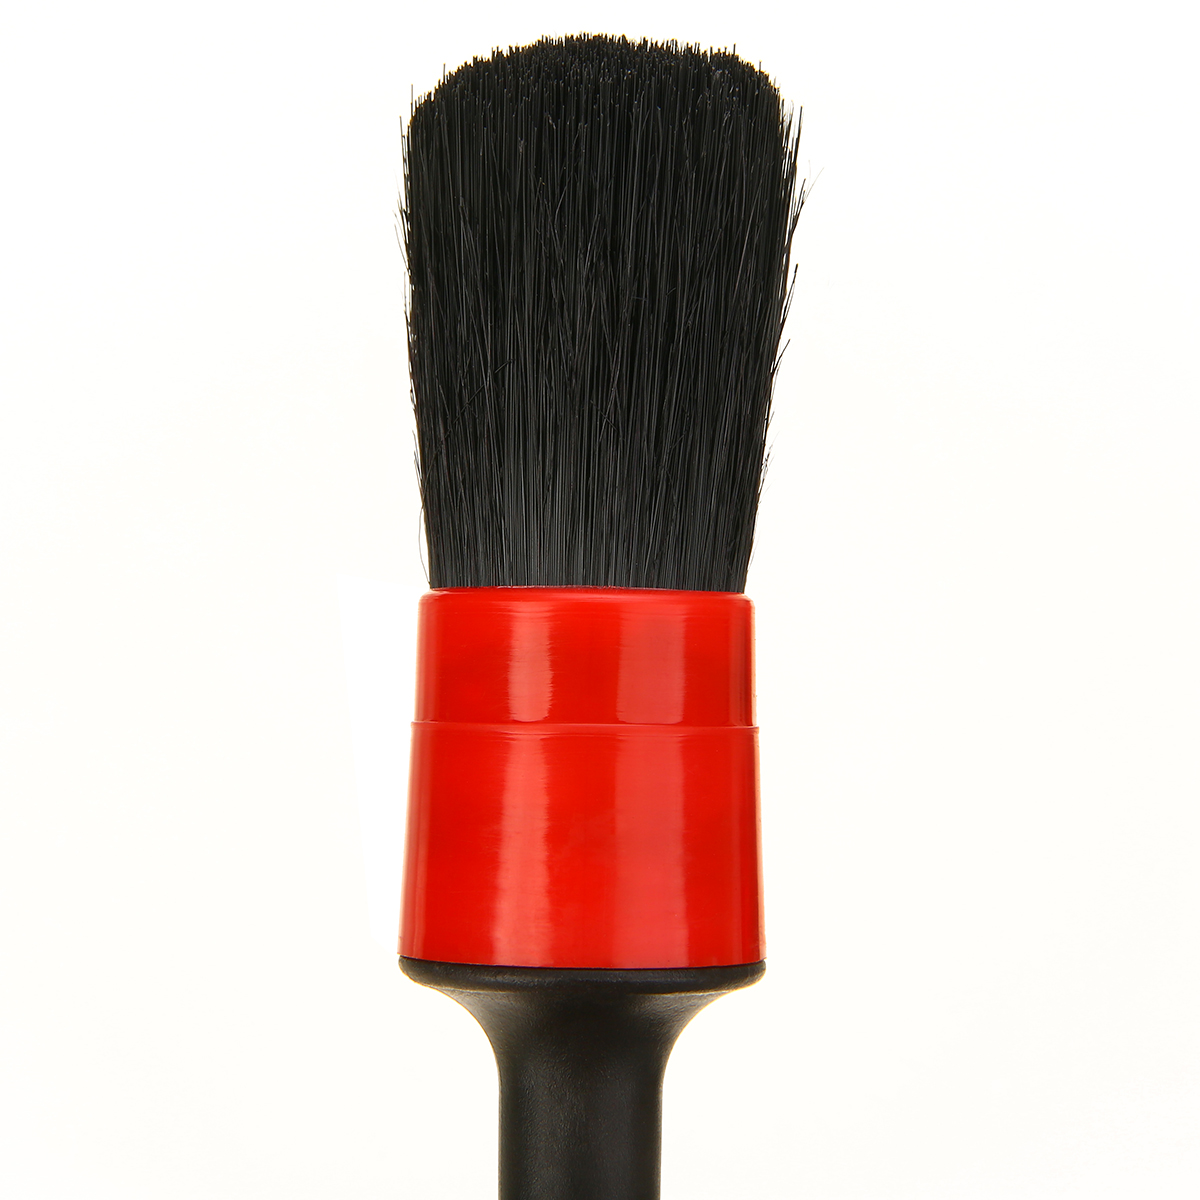 Image 2 - Mayitr, 5 шт., набор кистей для волос с кабаном + ПП, автомобильный очиститель для очистки, инструменты для чистки автомобиля-in Губки, тряпки и щетки from Автомобили и мотоциклы on AliExpress - 11.11_Double 11_Singles' Day